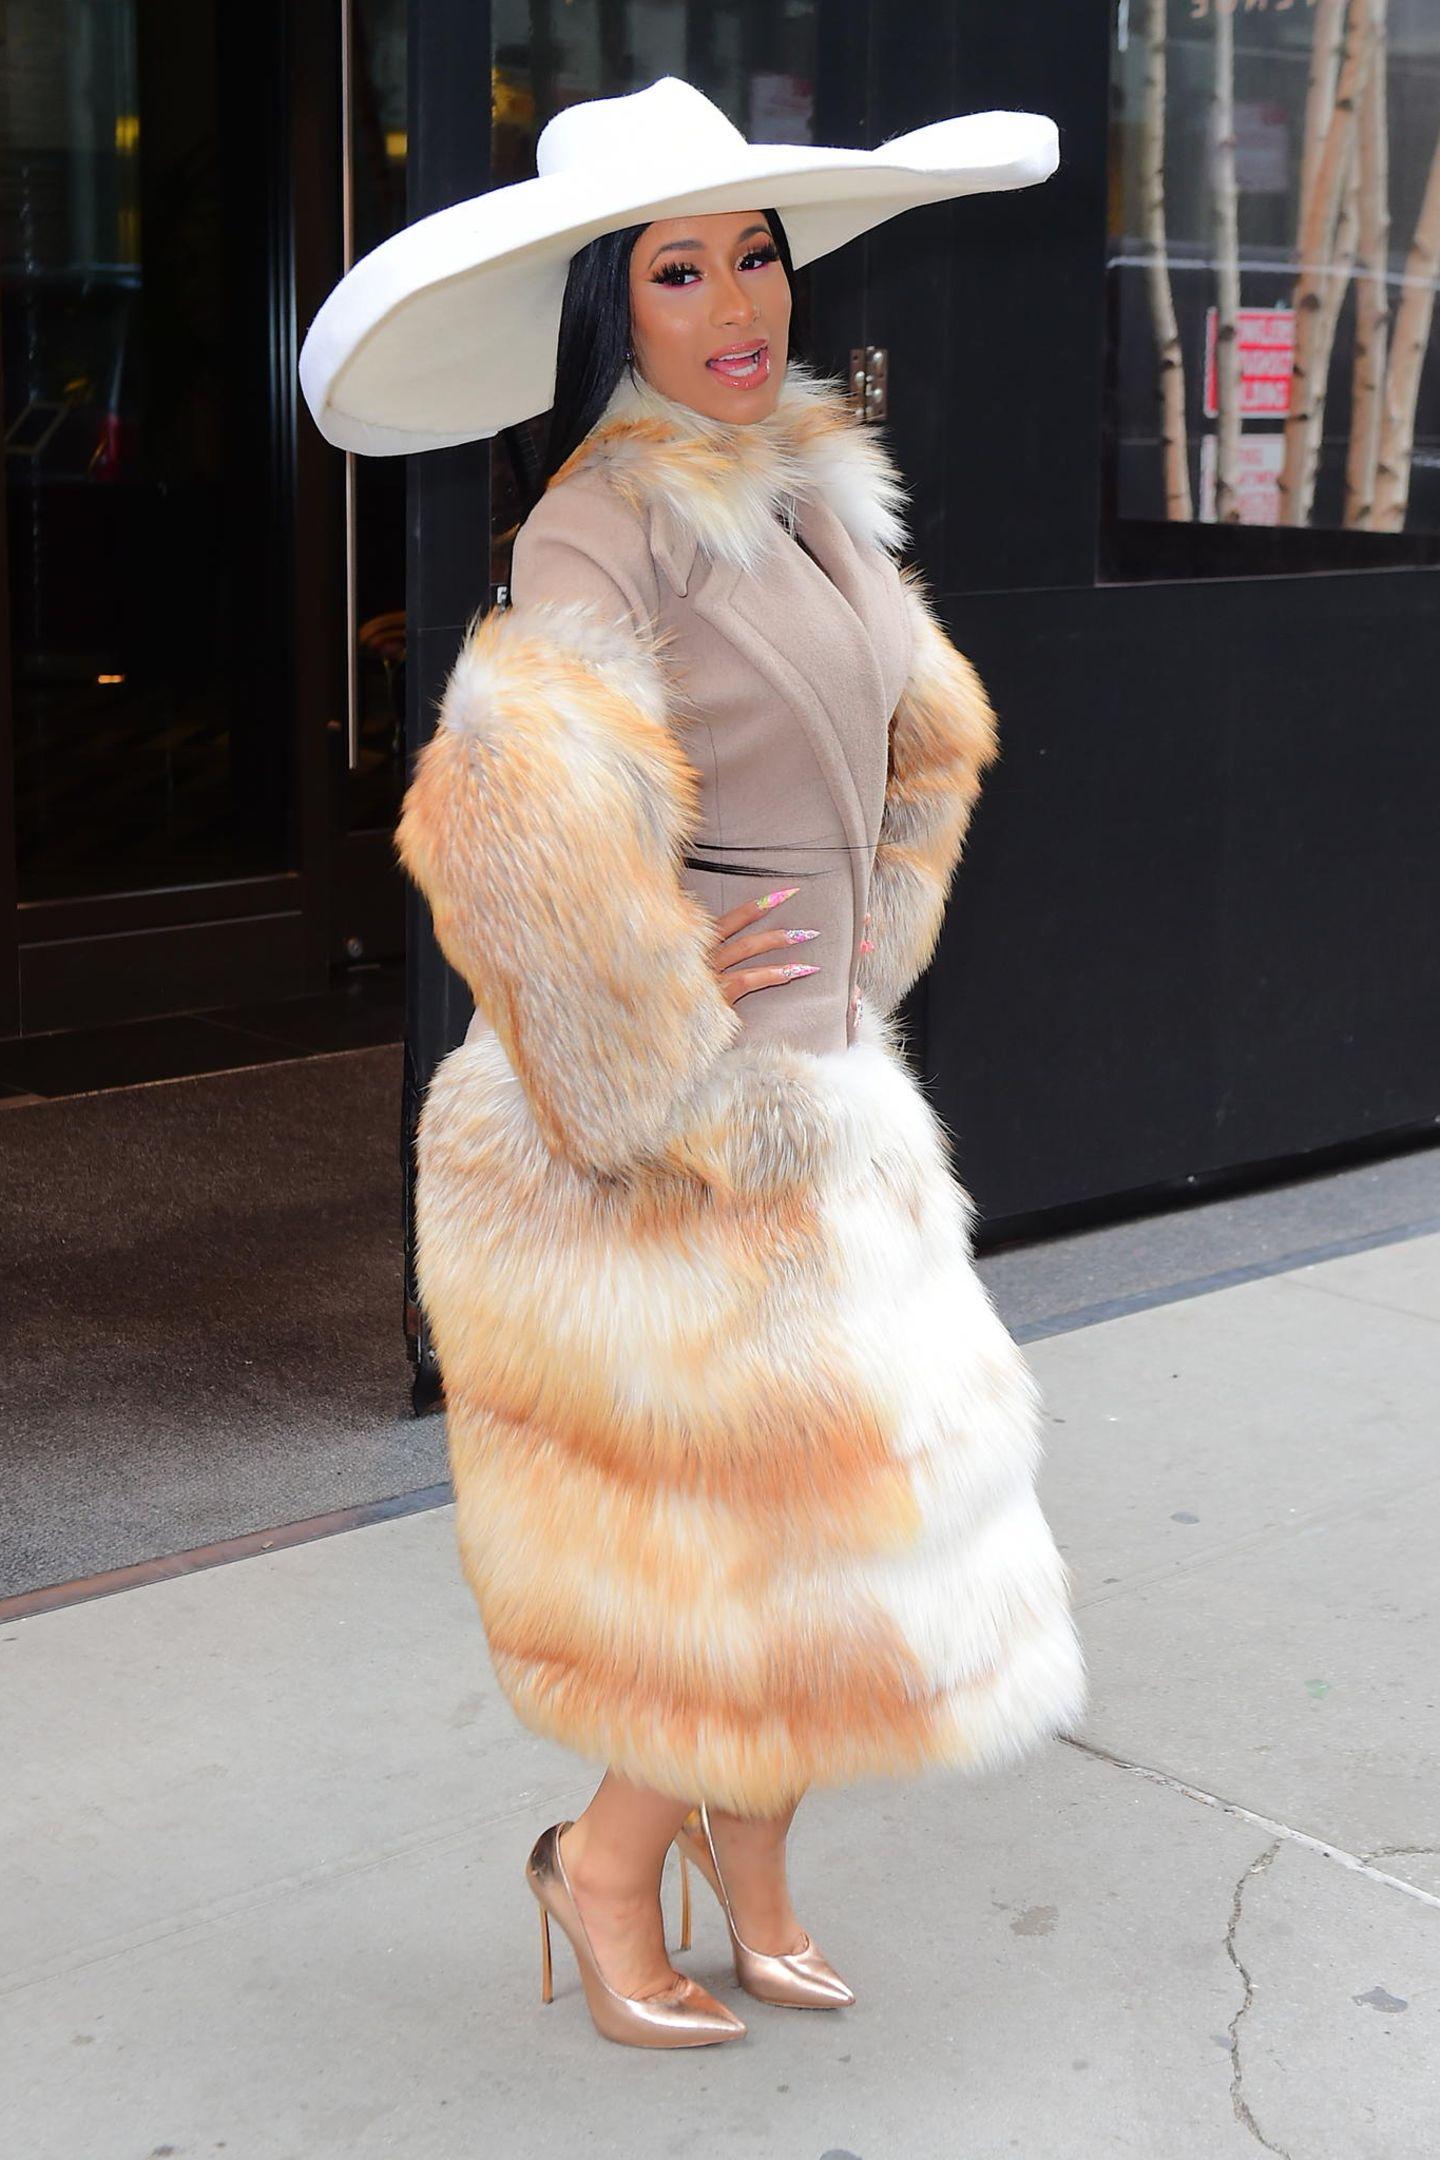 """Für diesen Look erntet Cardi B harte Kritik! """"Unglaublich, dafür lösche ich dich aus meinem Instagram-Feed!"""", lautet ein Kommentar einer erbosten Userin auf Instagram. Nach Kunstfell sieht das wirklich nicht aus. Mal ganz davon abgesehen, dass der Mantel mit den unvorteilhaften Proportionen echt schräg aussieht, sollte die Sängerin mit 42 Millionen Instagram-Followern ihre Vorbildfunktion ernst nehmen und die Fellindustrie nicht unterstützen."""